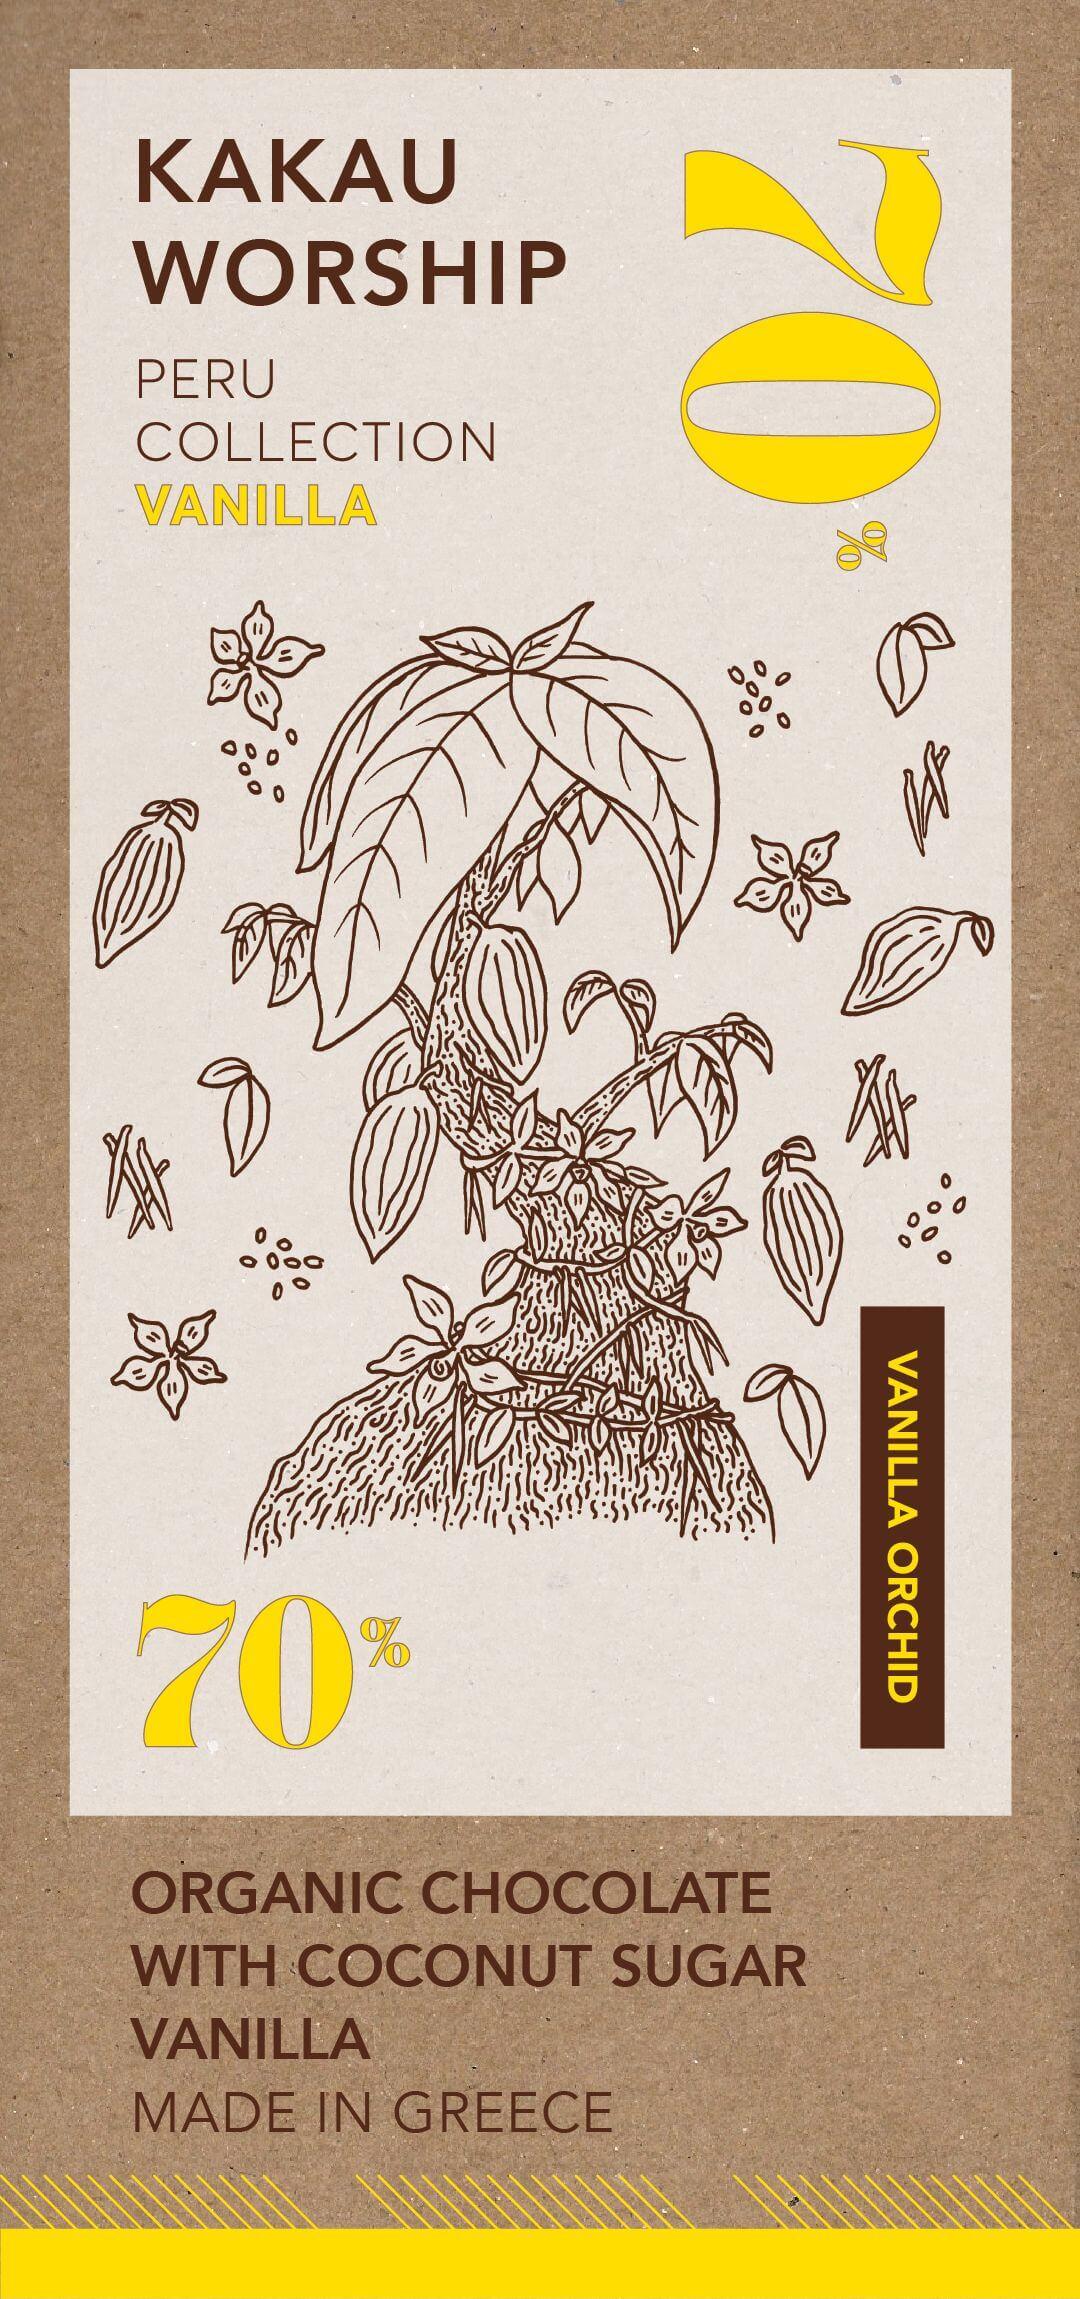 Wanilla orchid - organikus csokoládé vaniliával